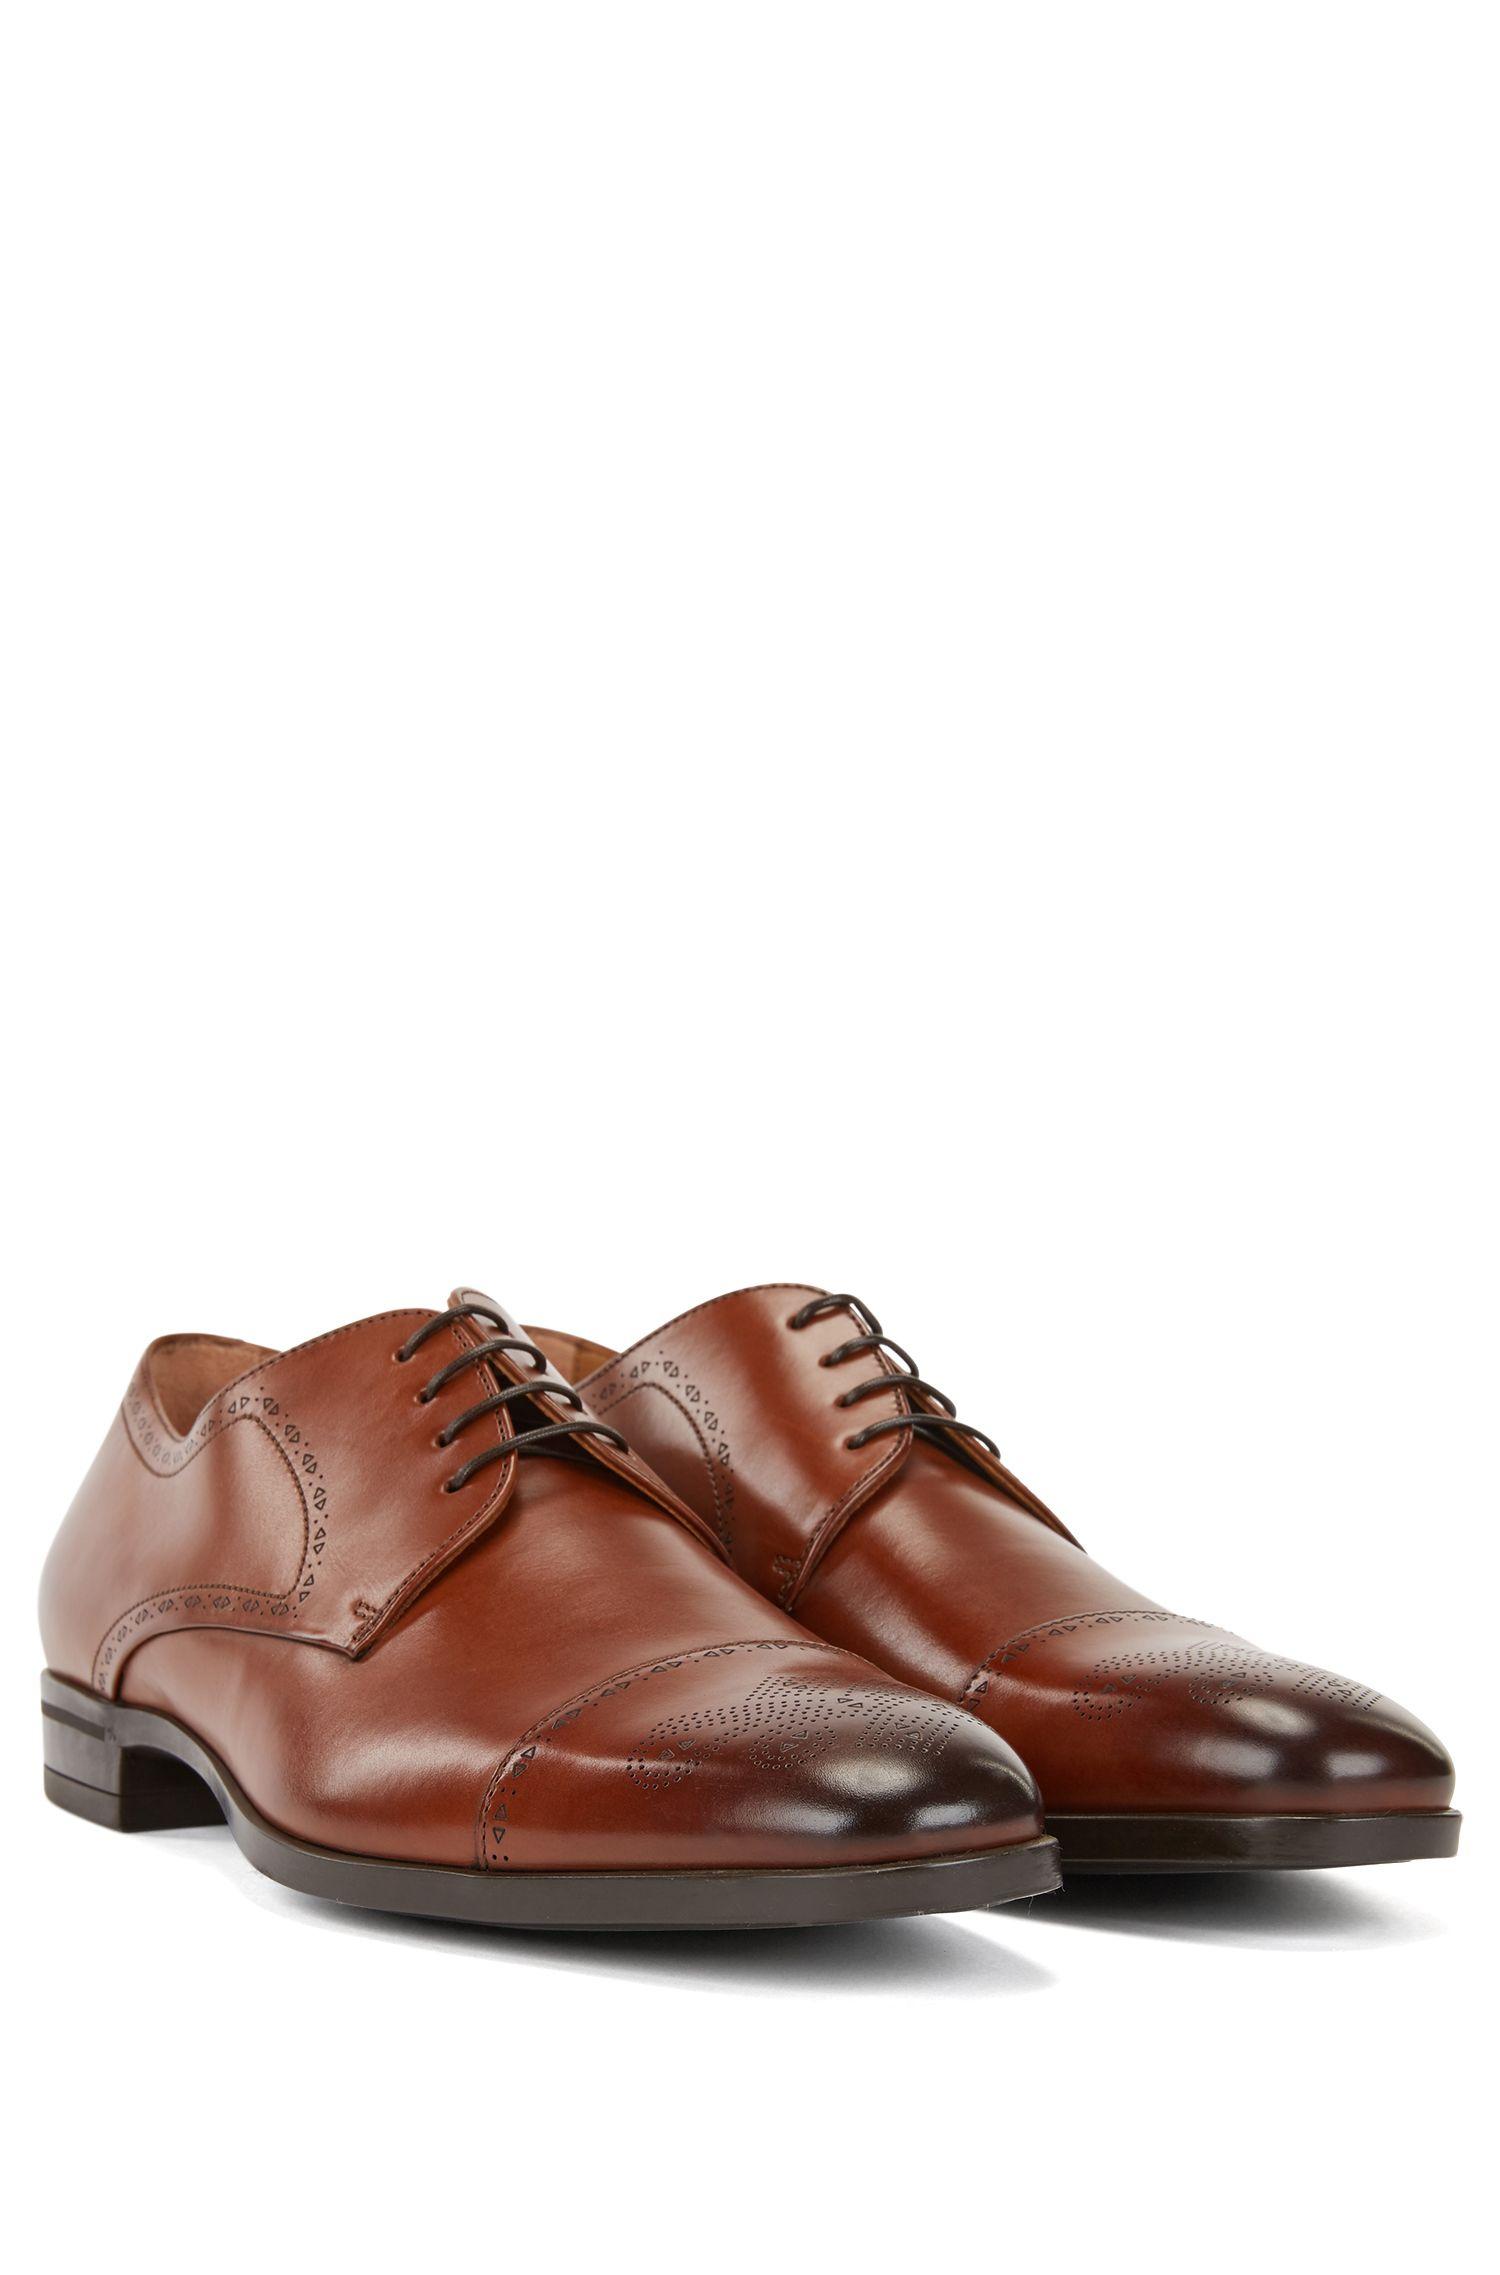 Chaussures derby en cuir poli découpé au laser, avec détails richelieu, Marron